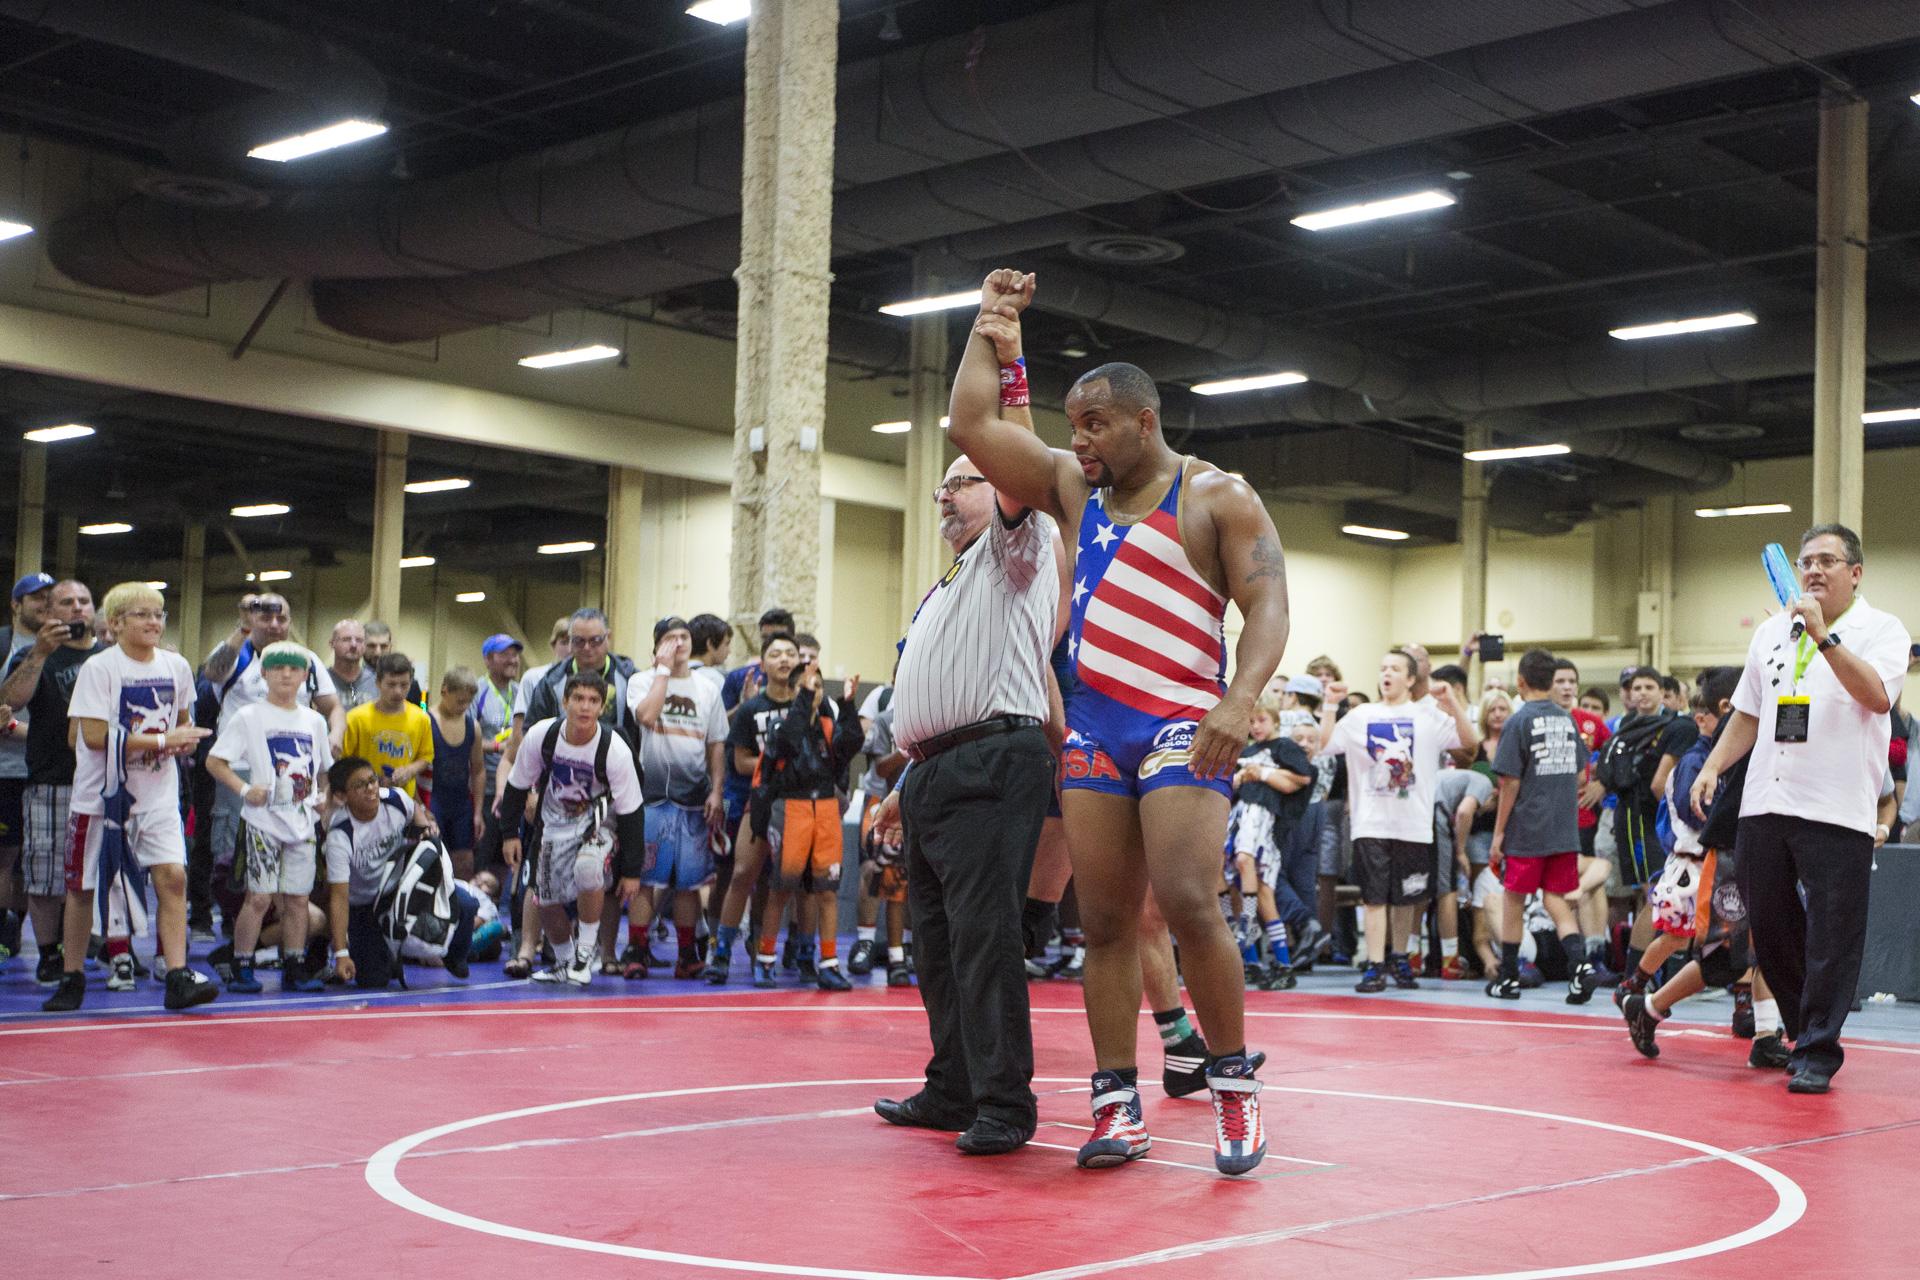 Daniel Cormier Wrestling Match